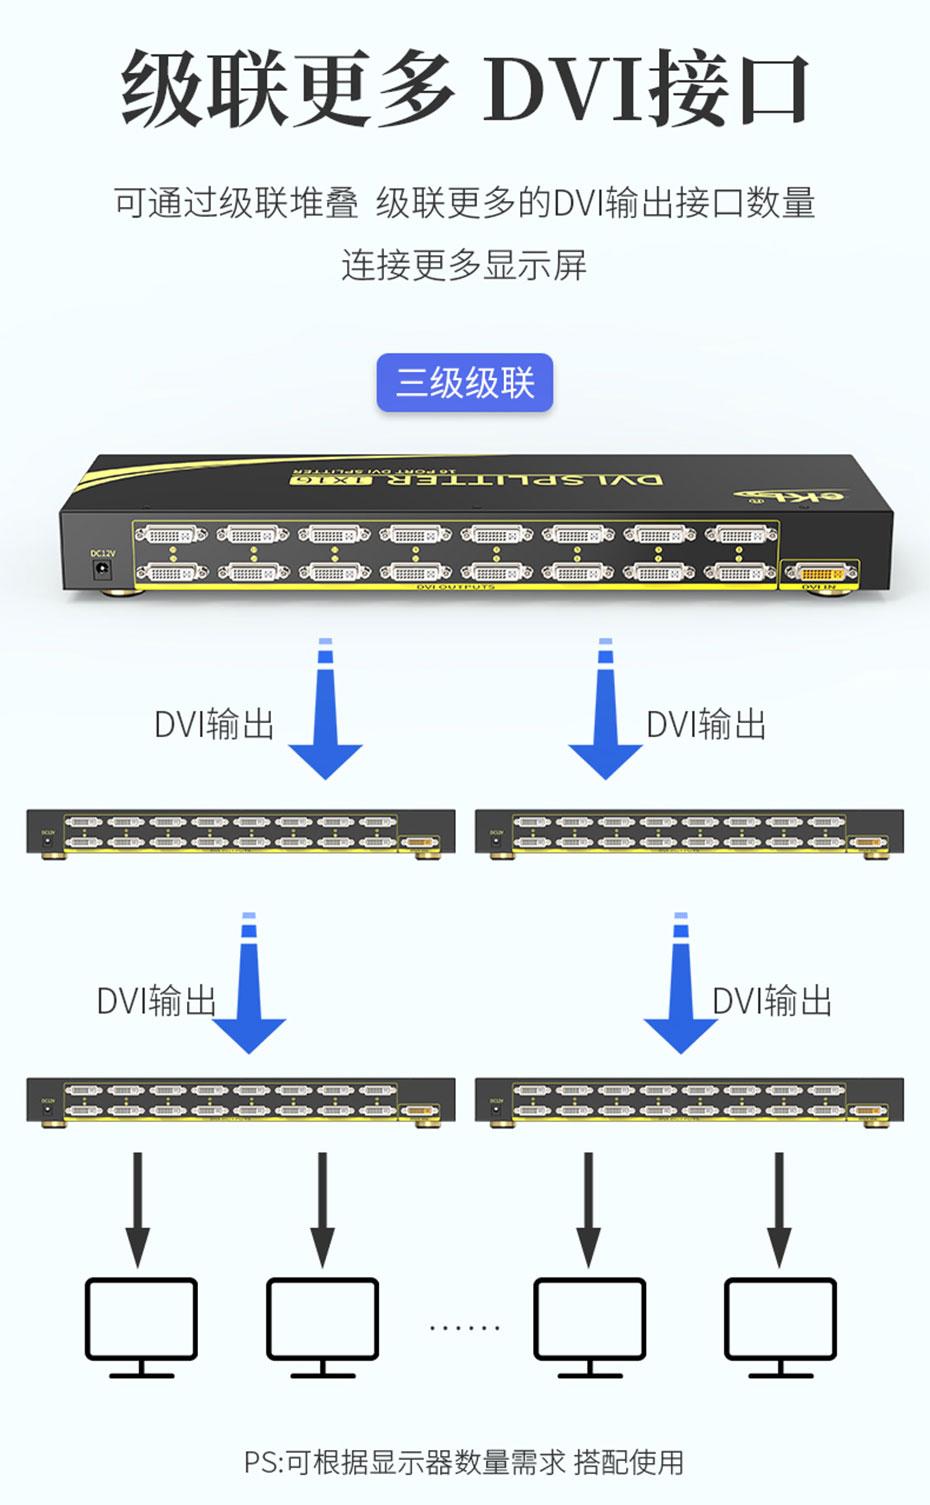 DVI分配器一进十六出/1进16出/1分16 161D支持级联功能,可根据实际情况级联叠加DVI输出